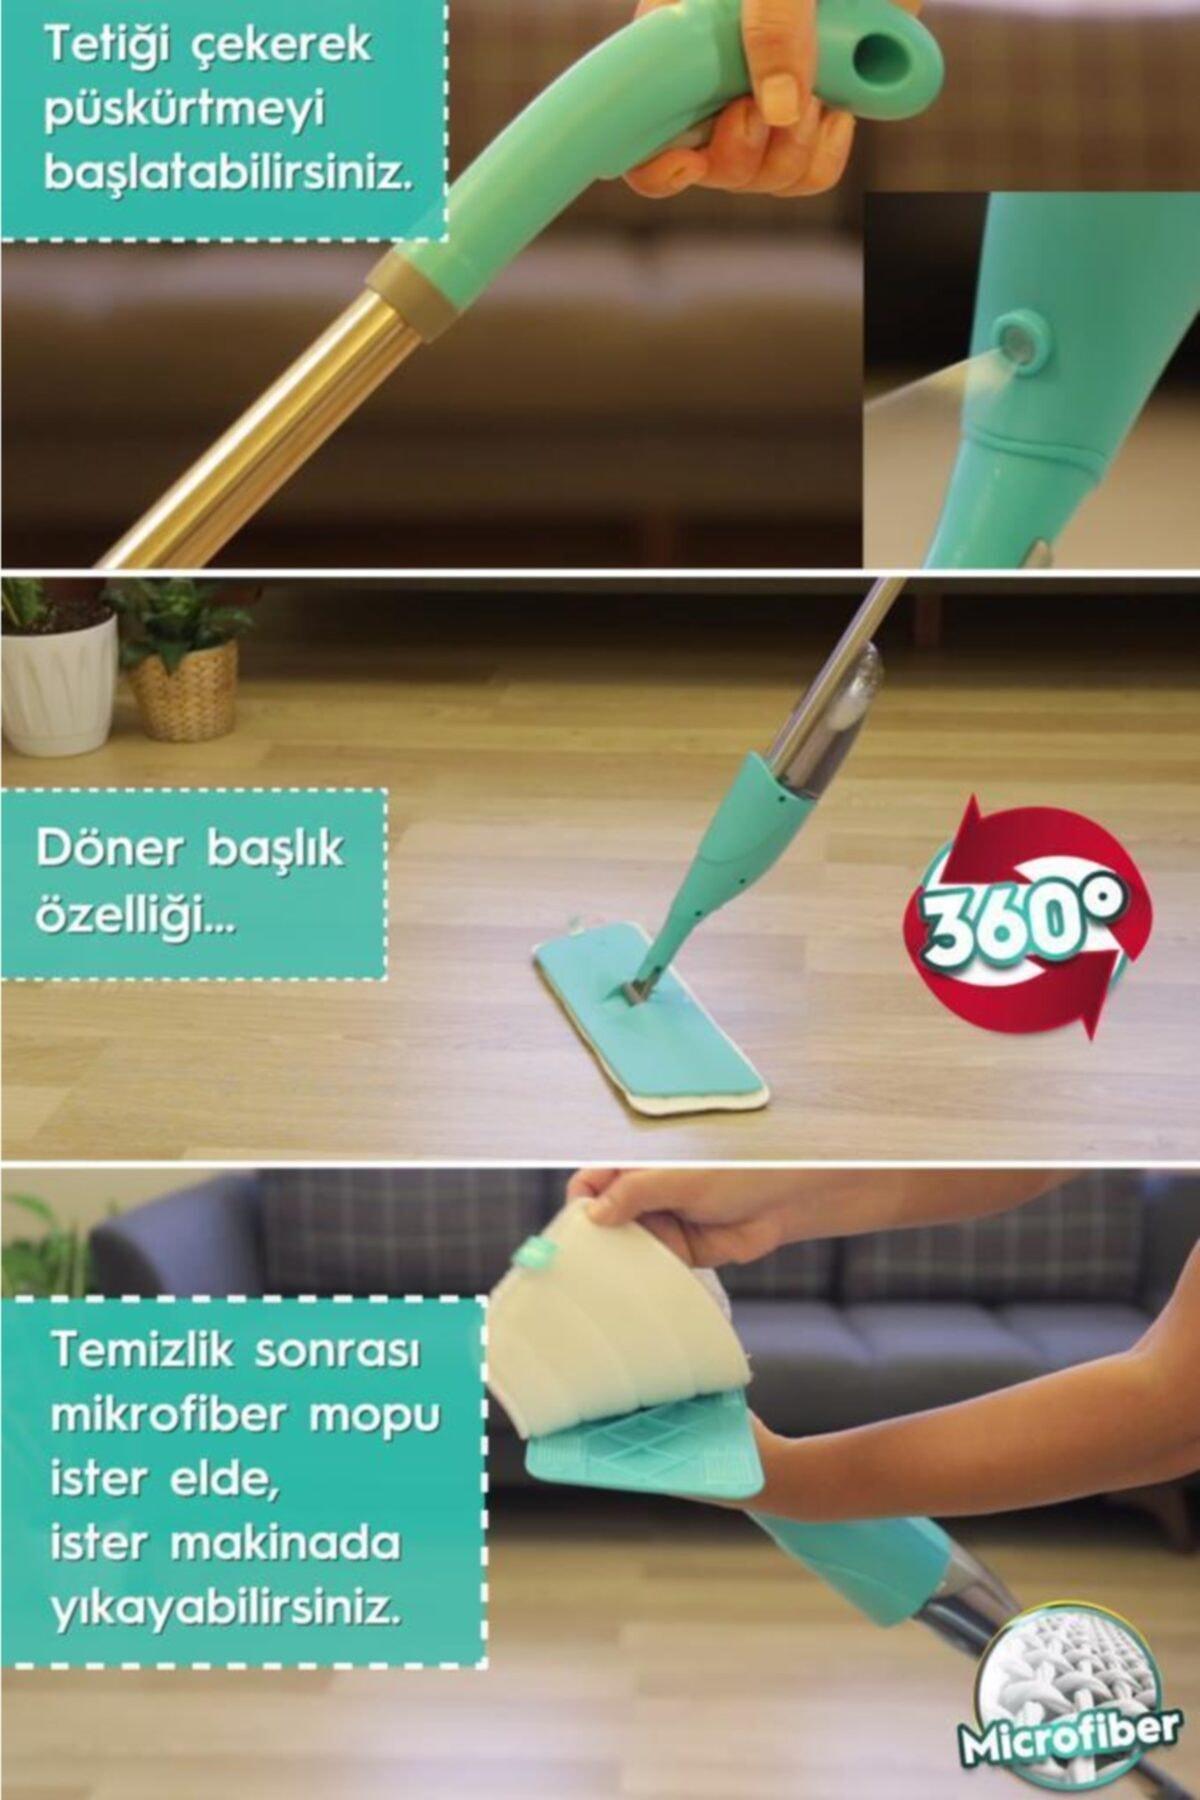 SMARTER Shiny Sprey Mop Set